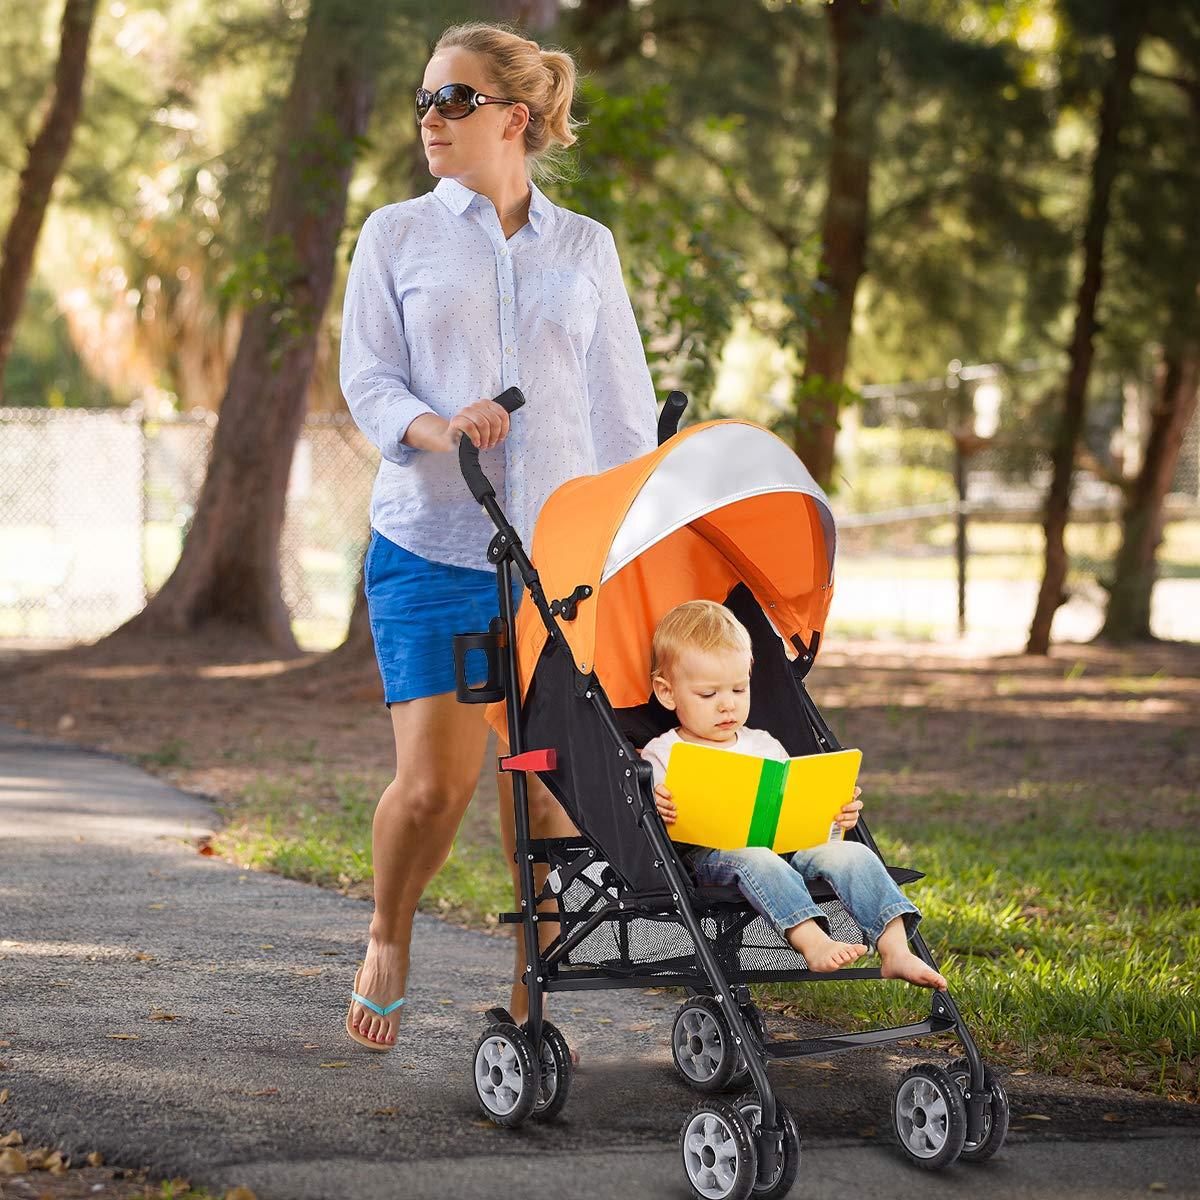 INFANS Lightweight Baby Umbrella Stroller, Foldable Infant Travel Stroller with 4 Position Recline, Adjustable Backrest, Cup Holder, Storage Basket, UV Protection Canopy, Carry Belt (Orange) by INFANS (Image #2)